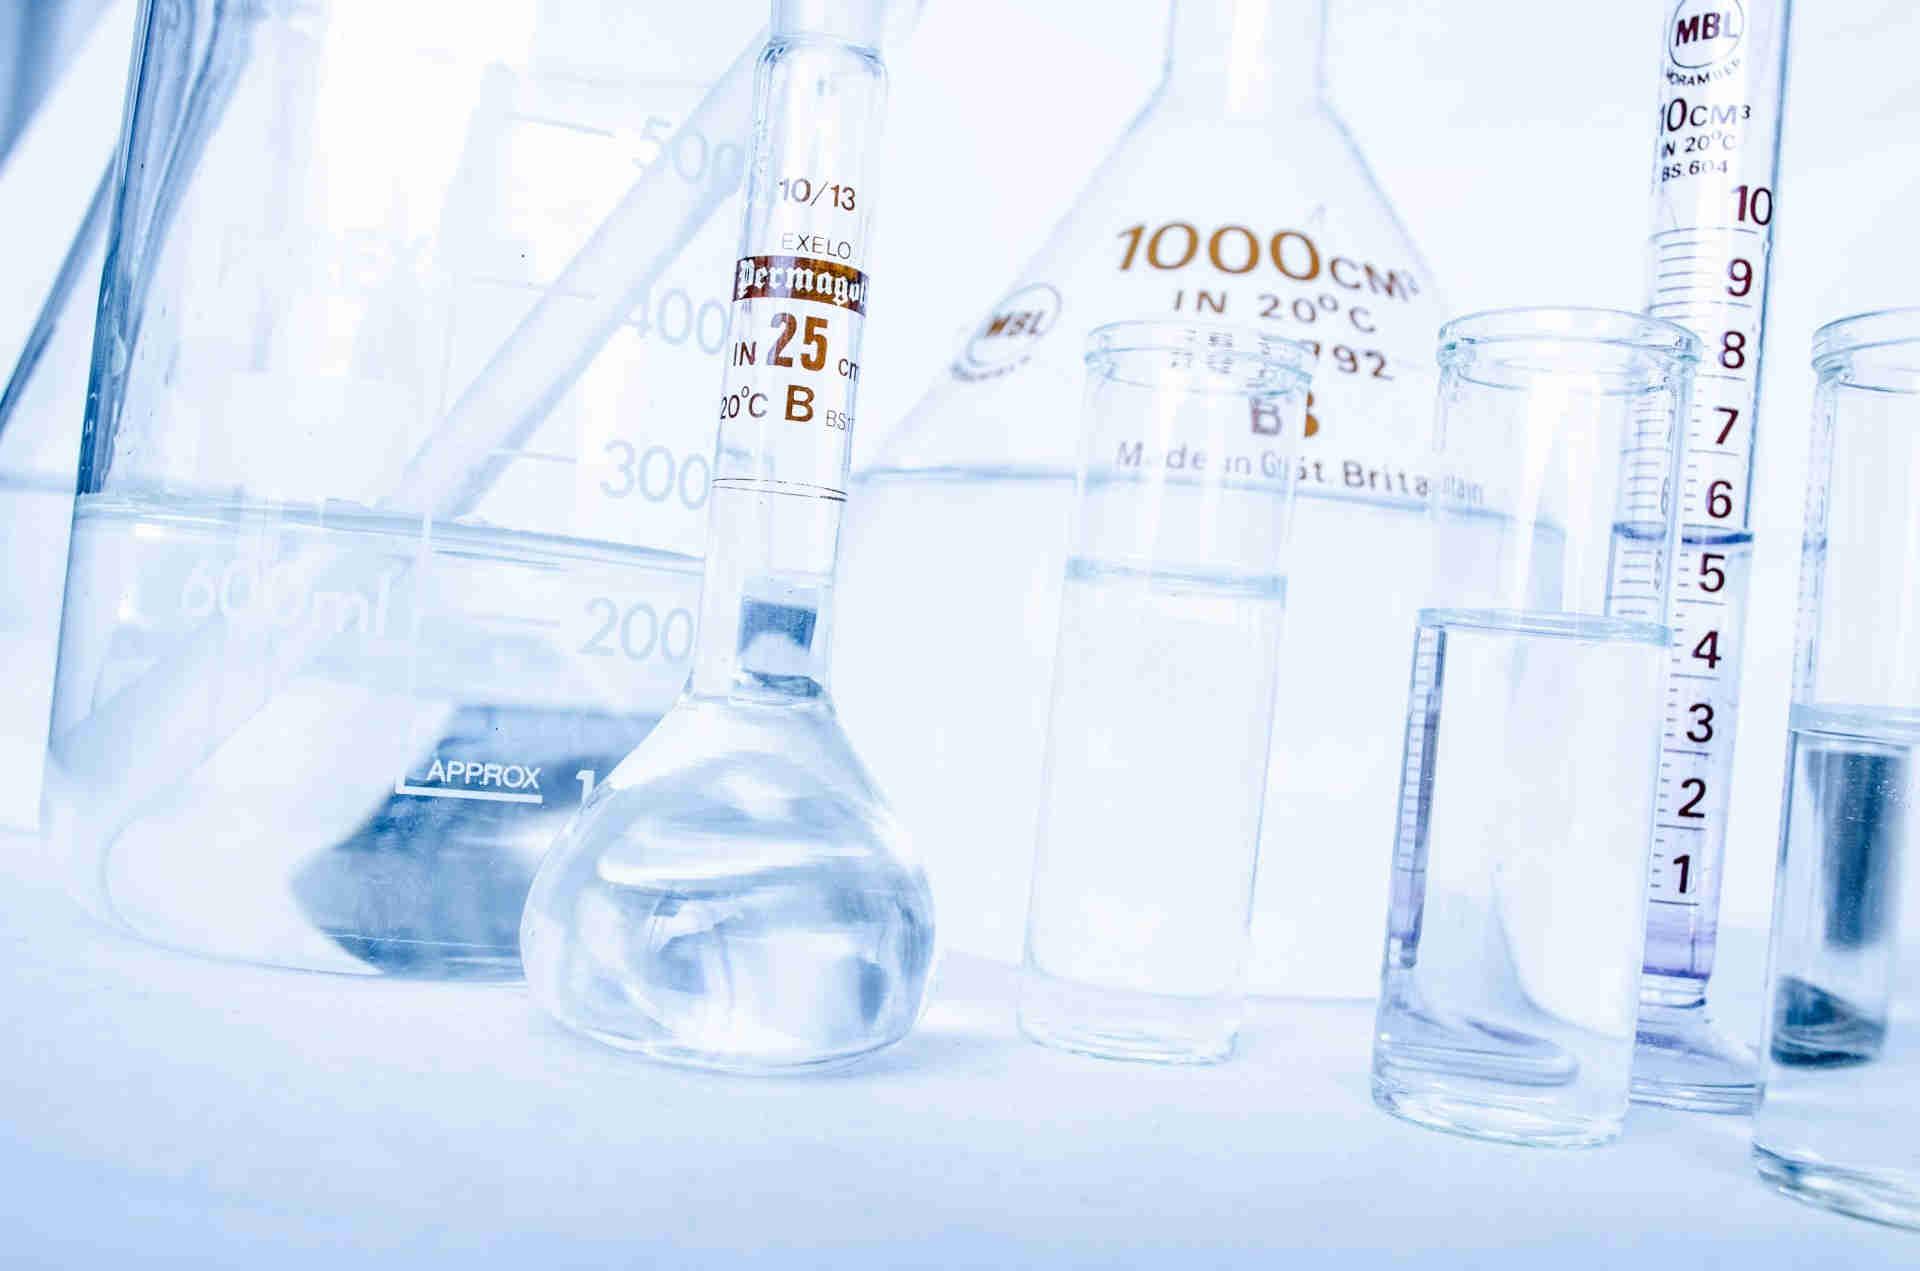 Mehrere Laborgeräte aus Glas die mit einer klaren Flüssigkeit gefüllt sind